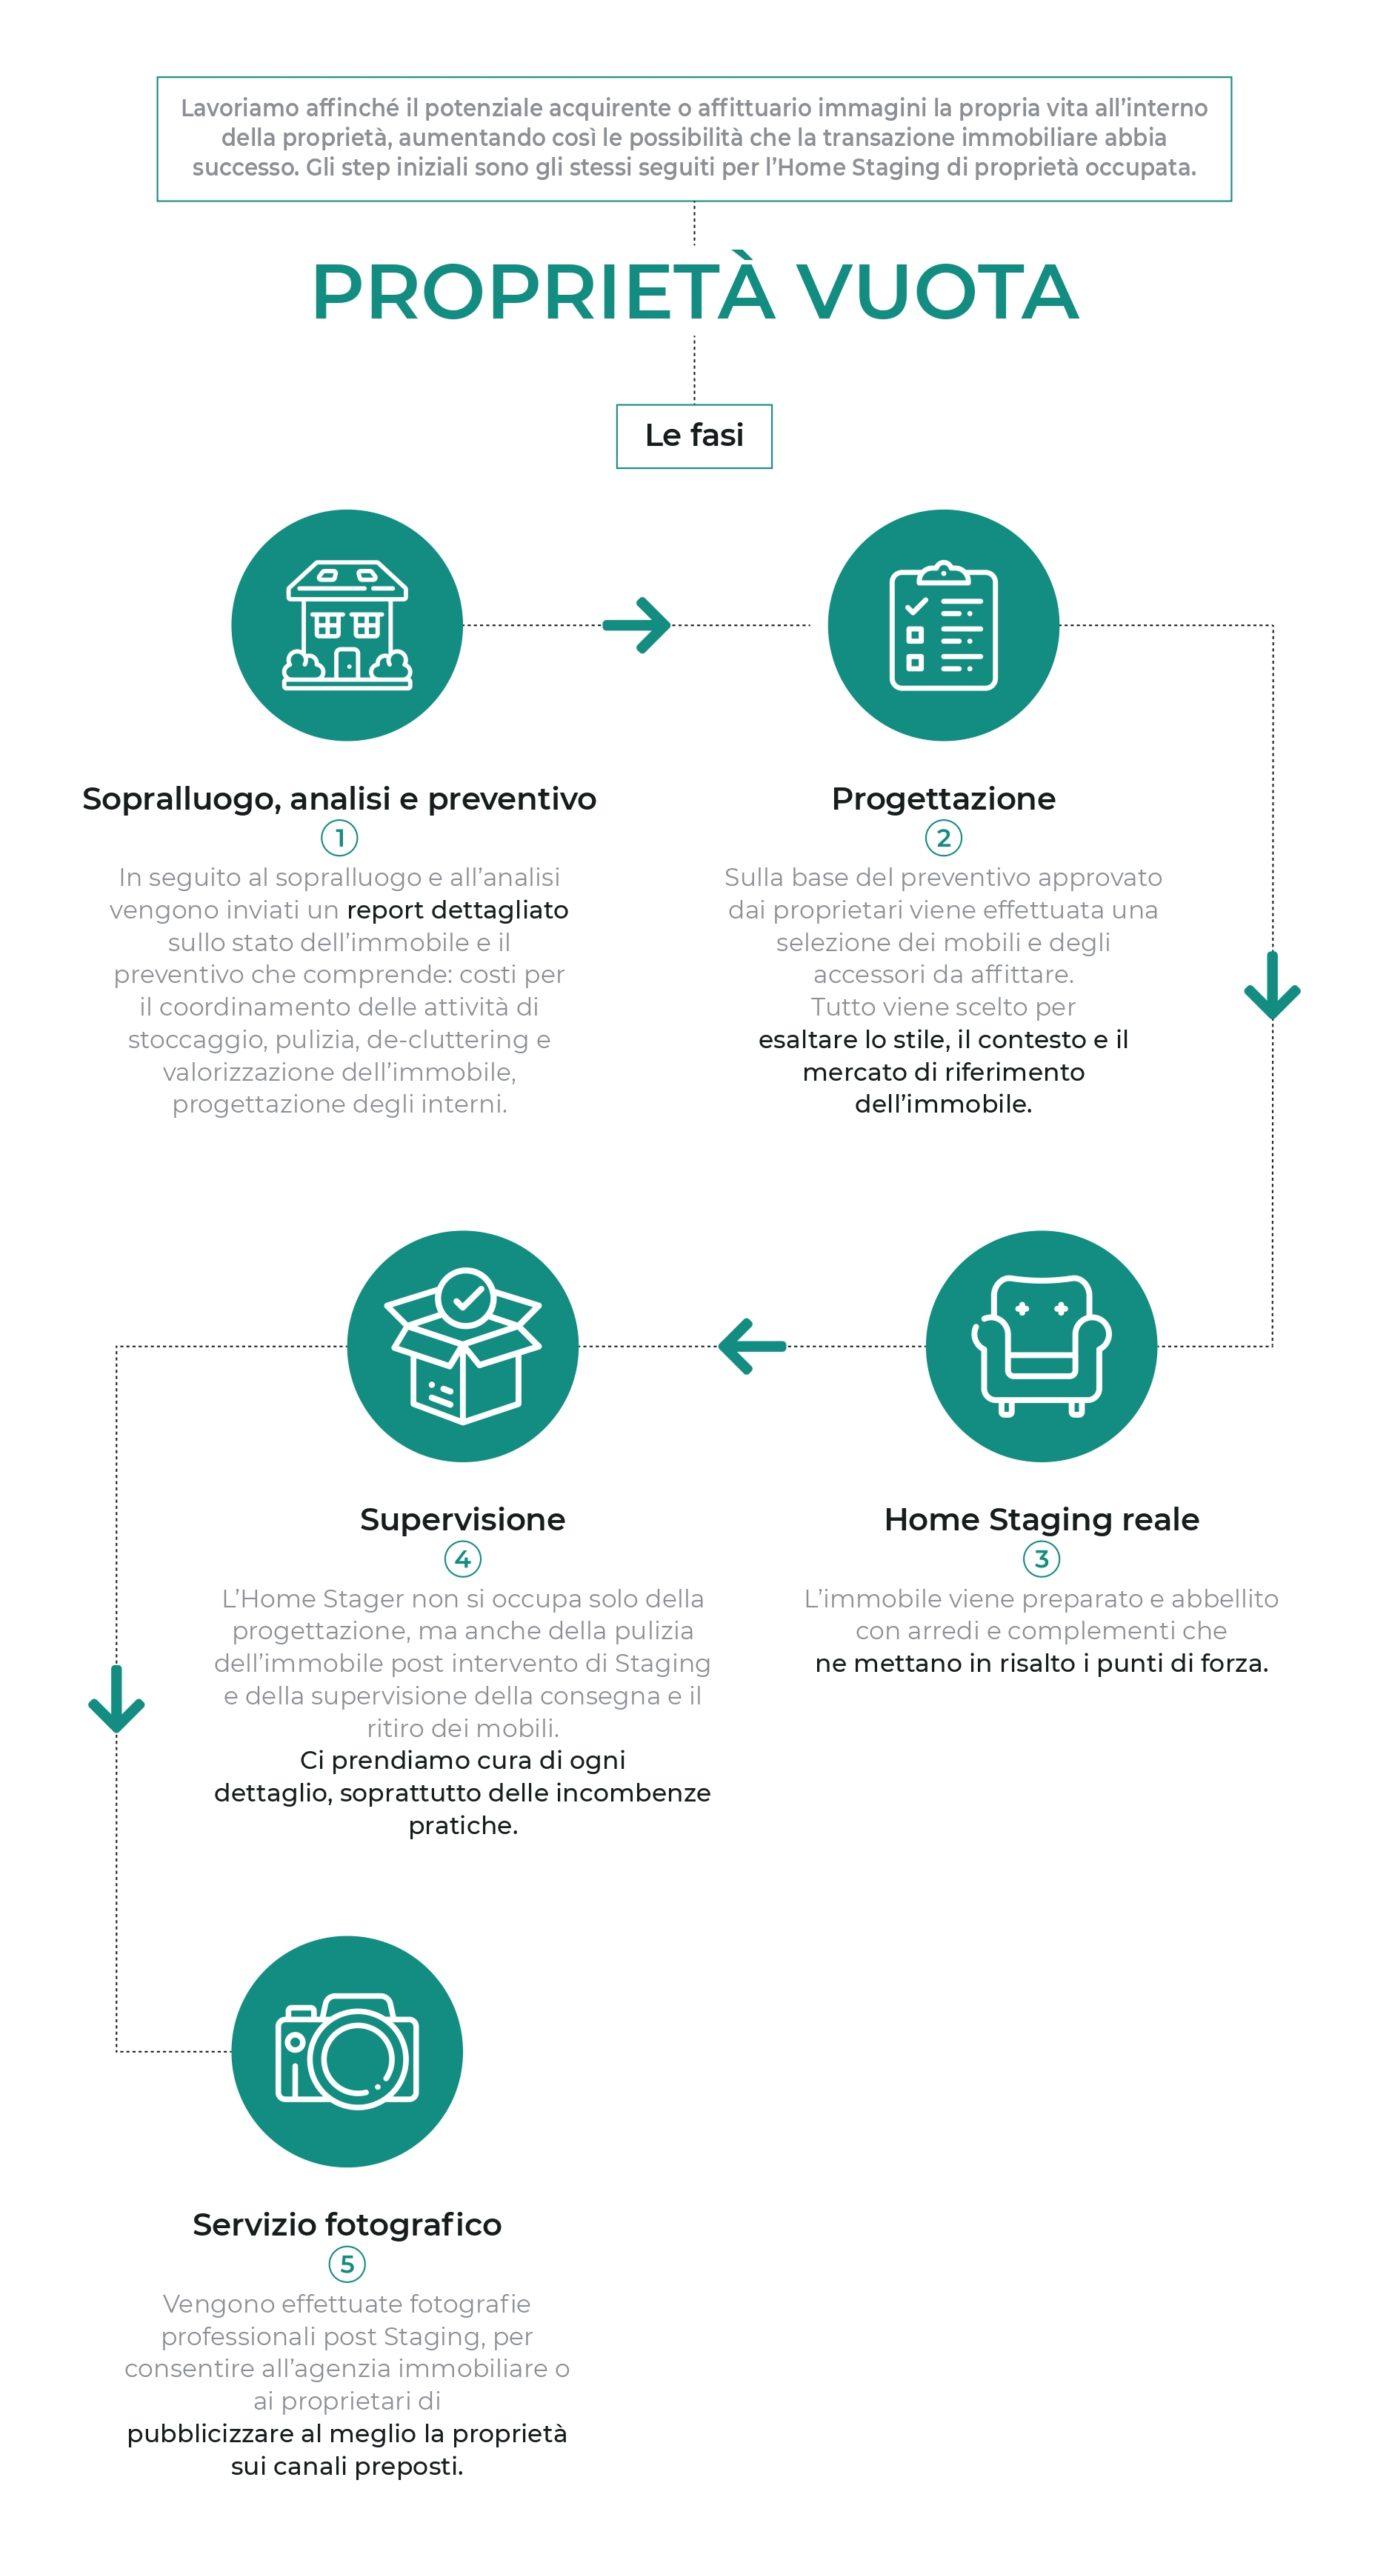 Servizi di Home Staging: Homethic allestisce proprietà abitate e ammobiliate, vuote o destinate alla micro ricettività